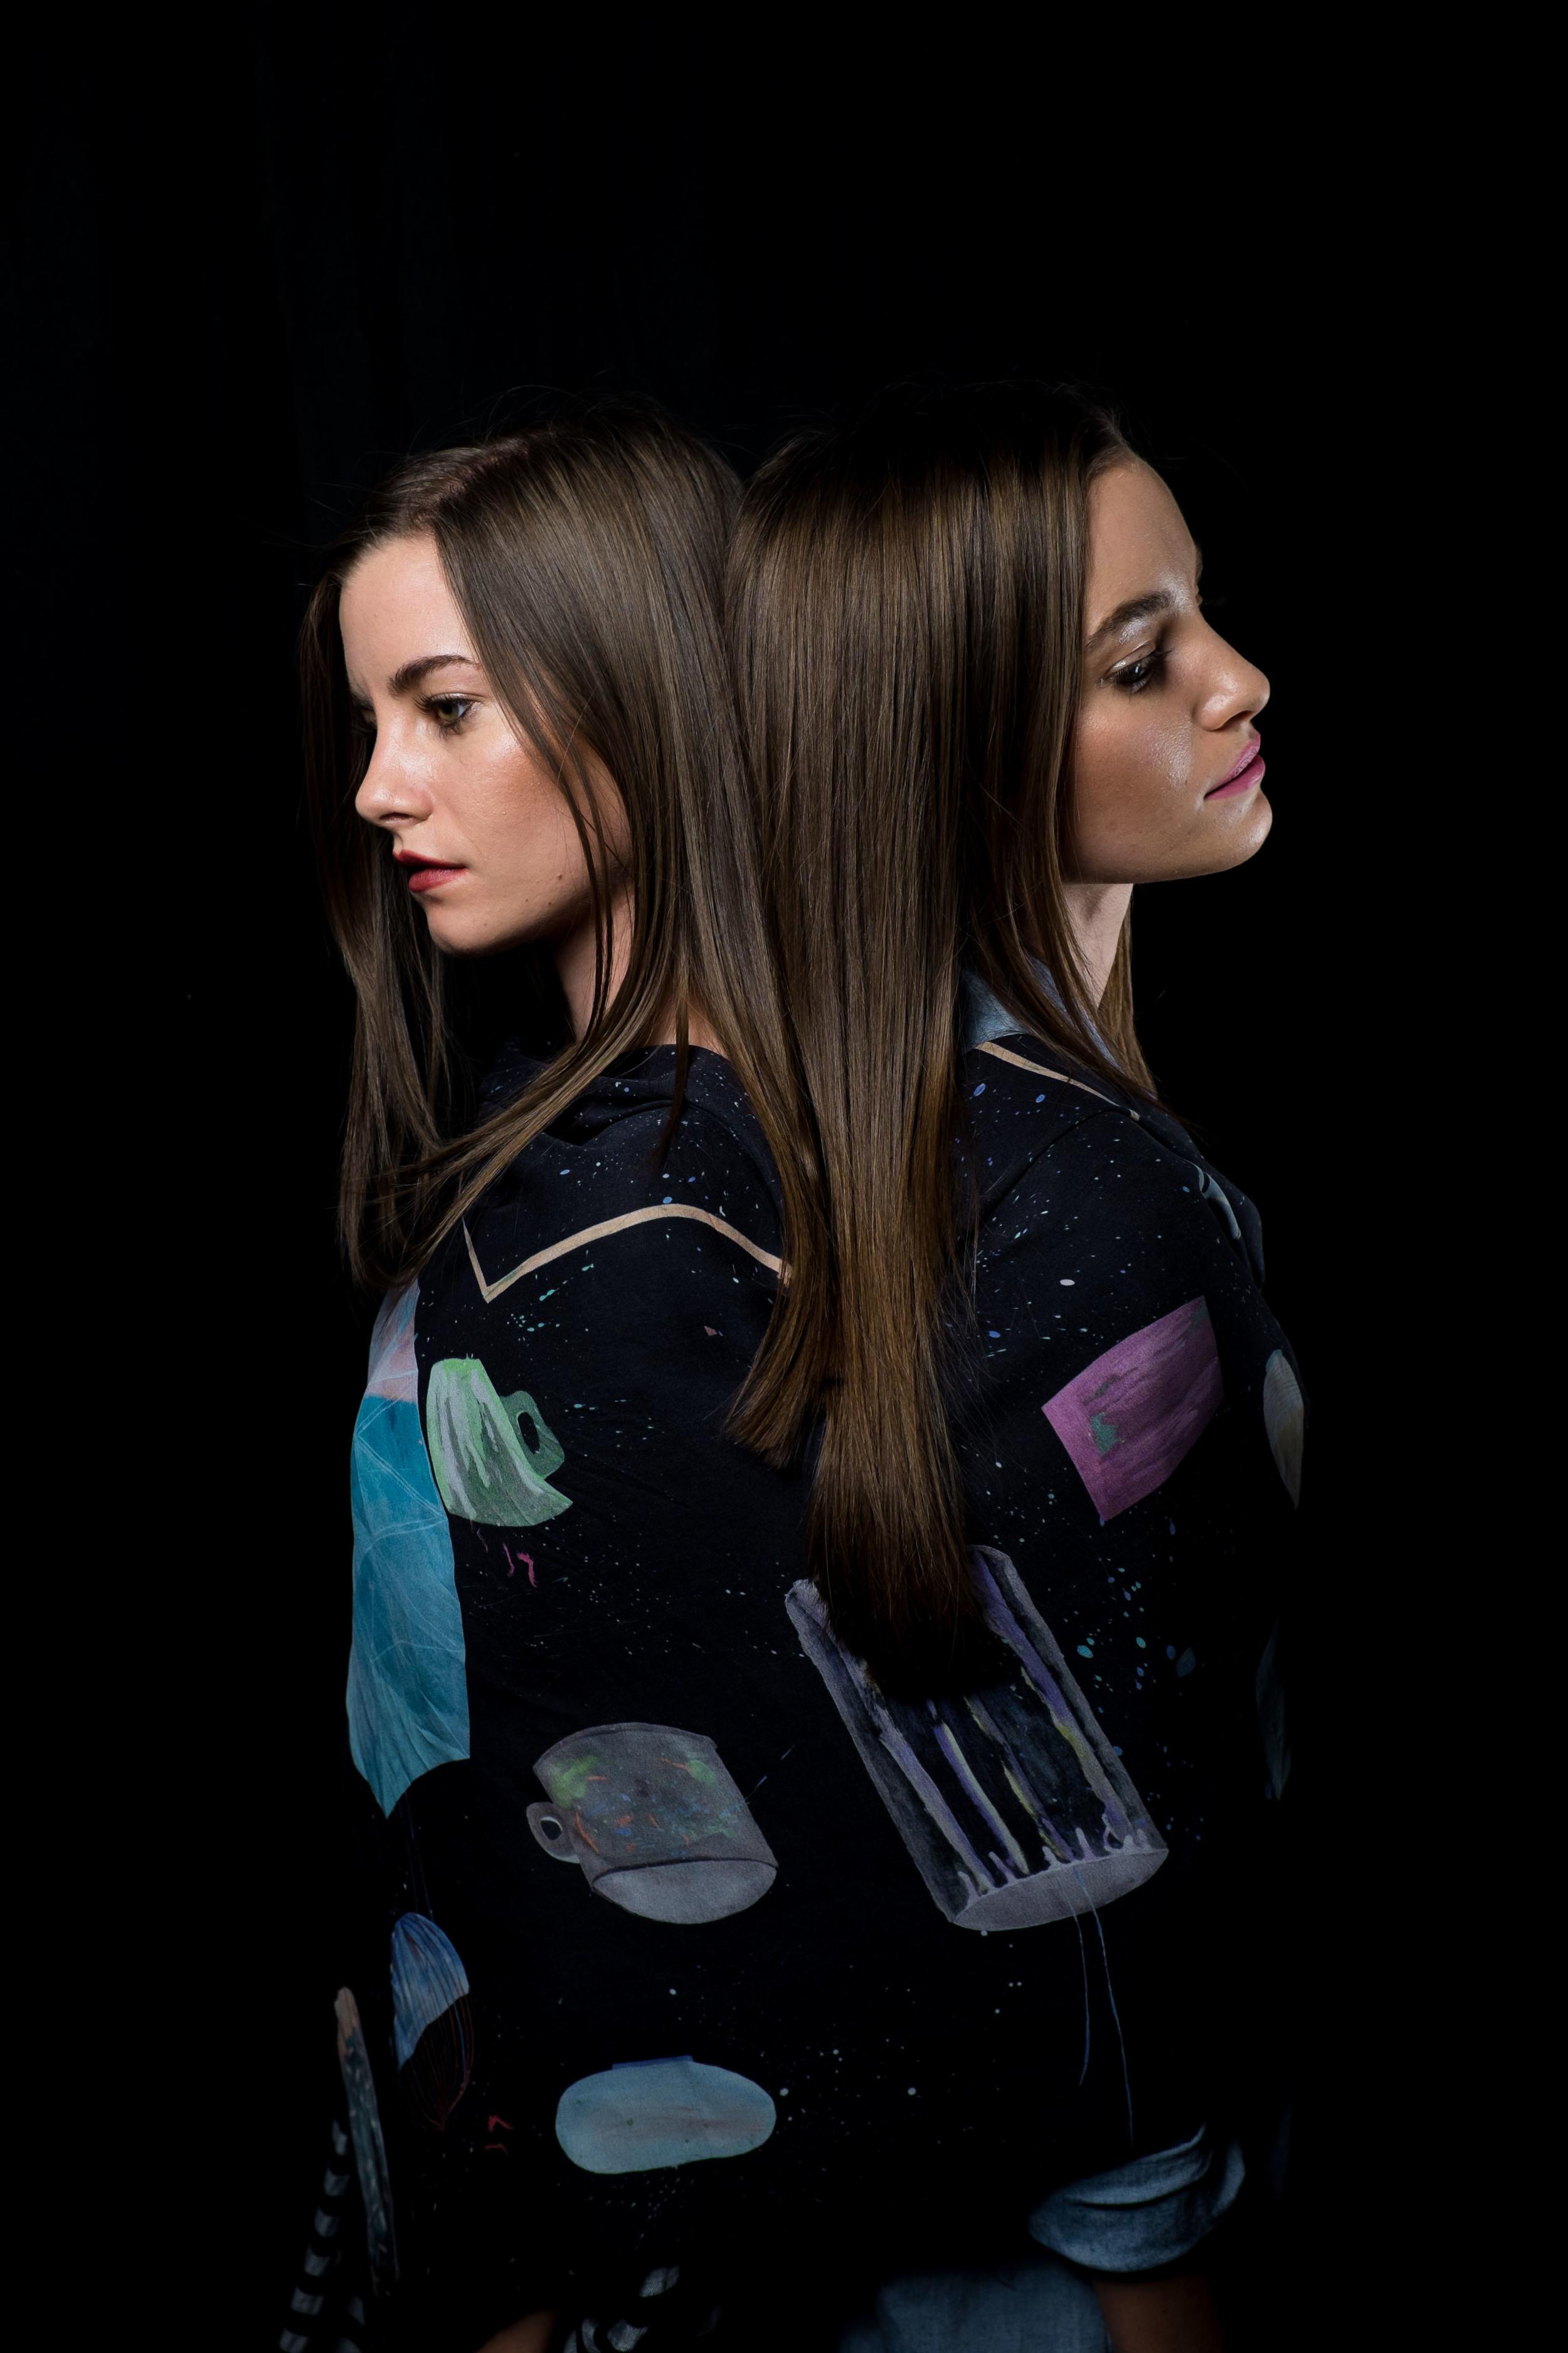 Velvet_Dust_Paracosm_Twins0001.jpg